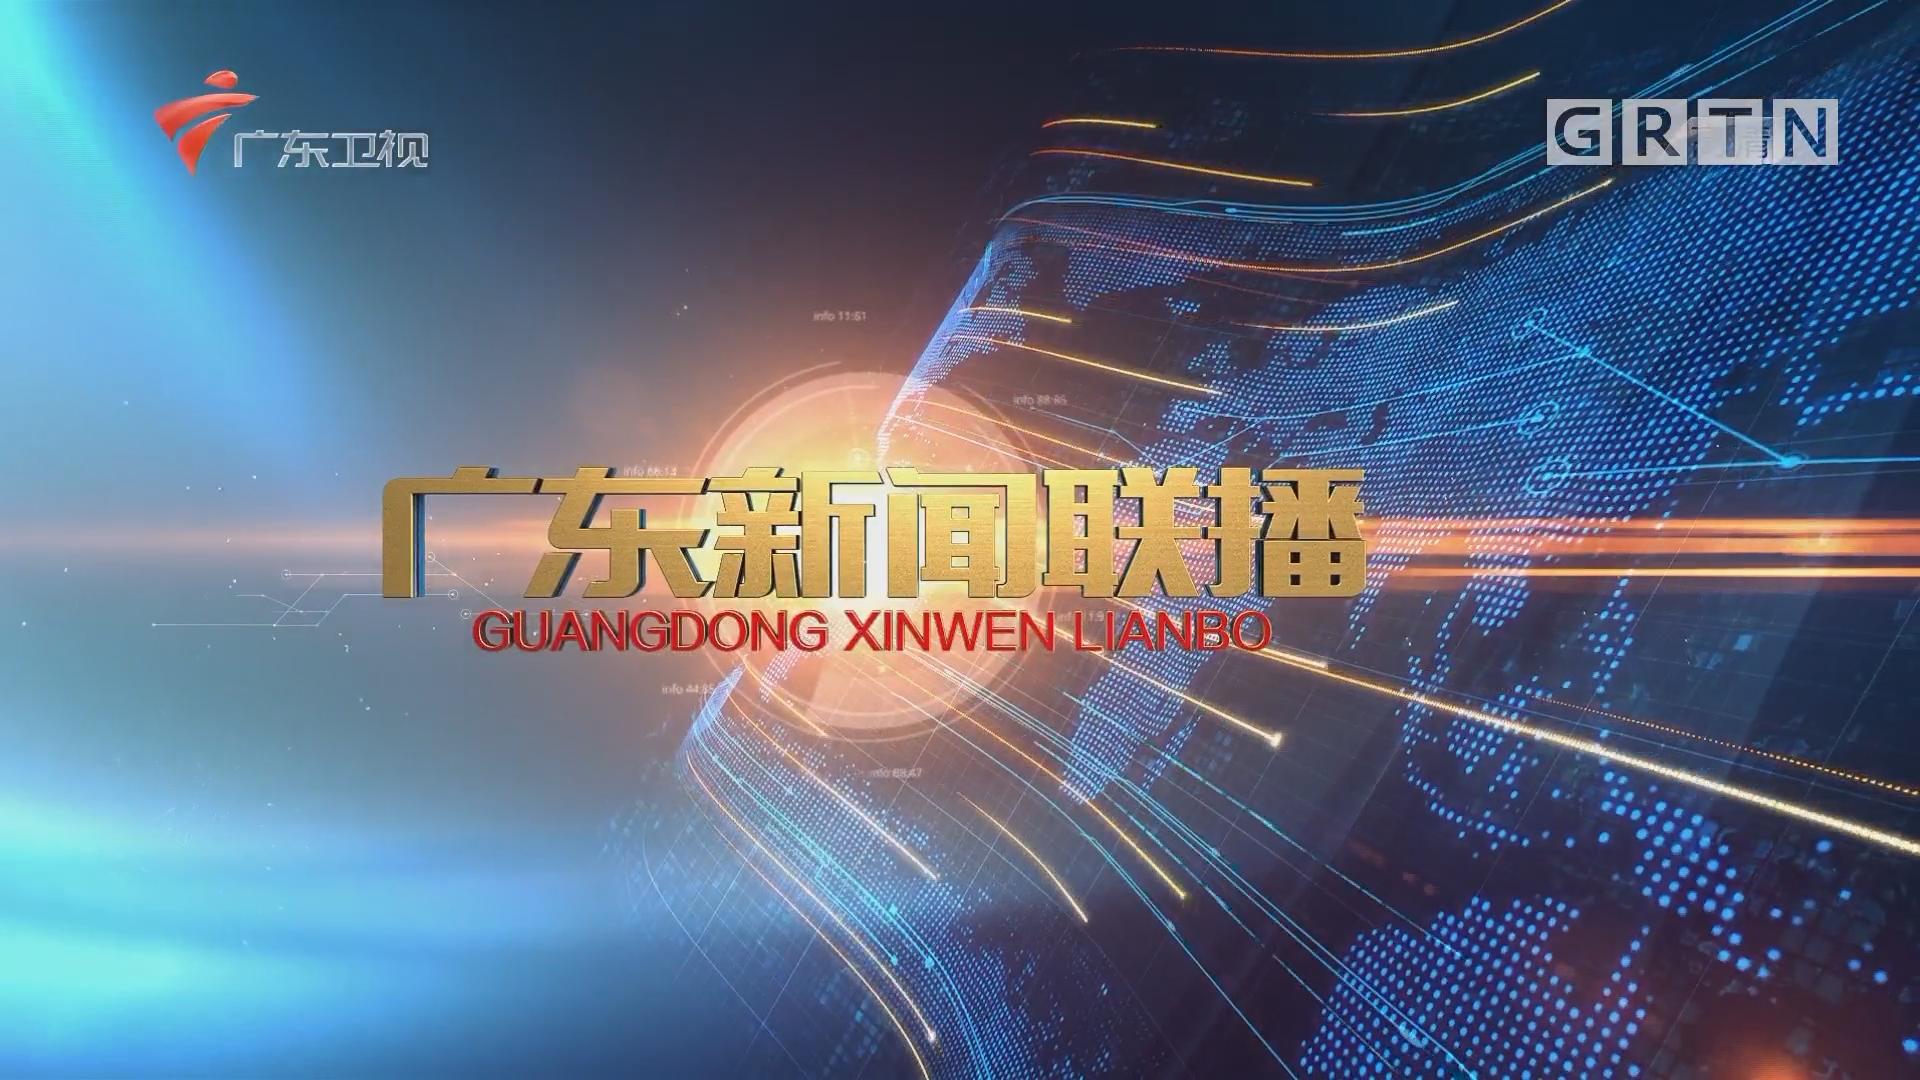 [HD][2018-02-15]广东新闻联播:马兴瑞向海外侨胞和港澳台同胞致以诚挚的新春祝福